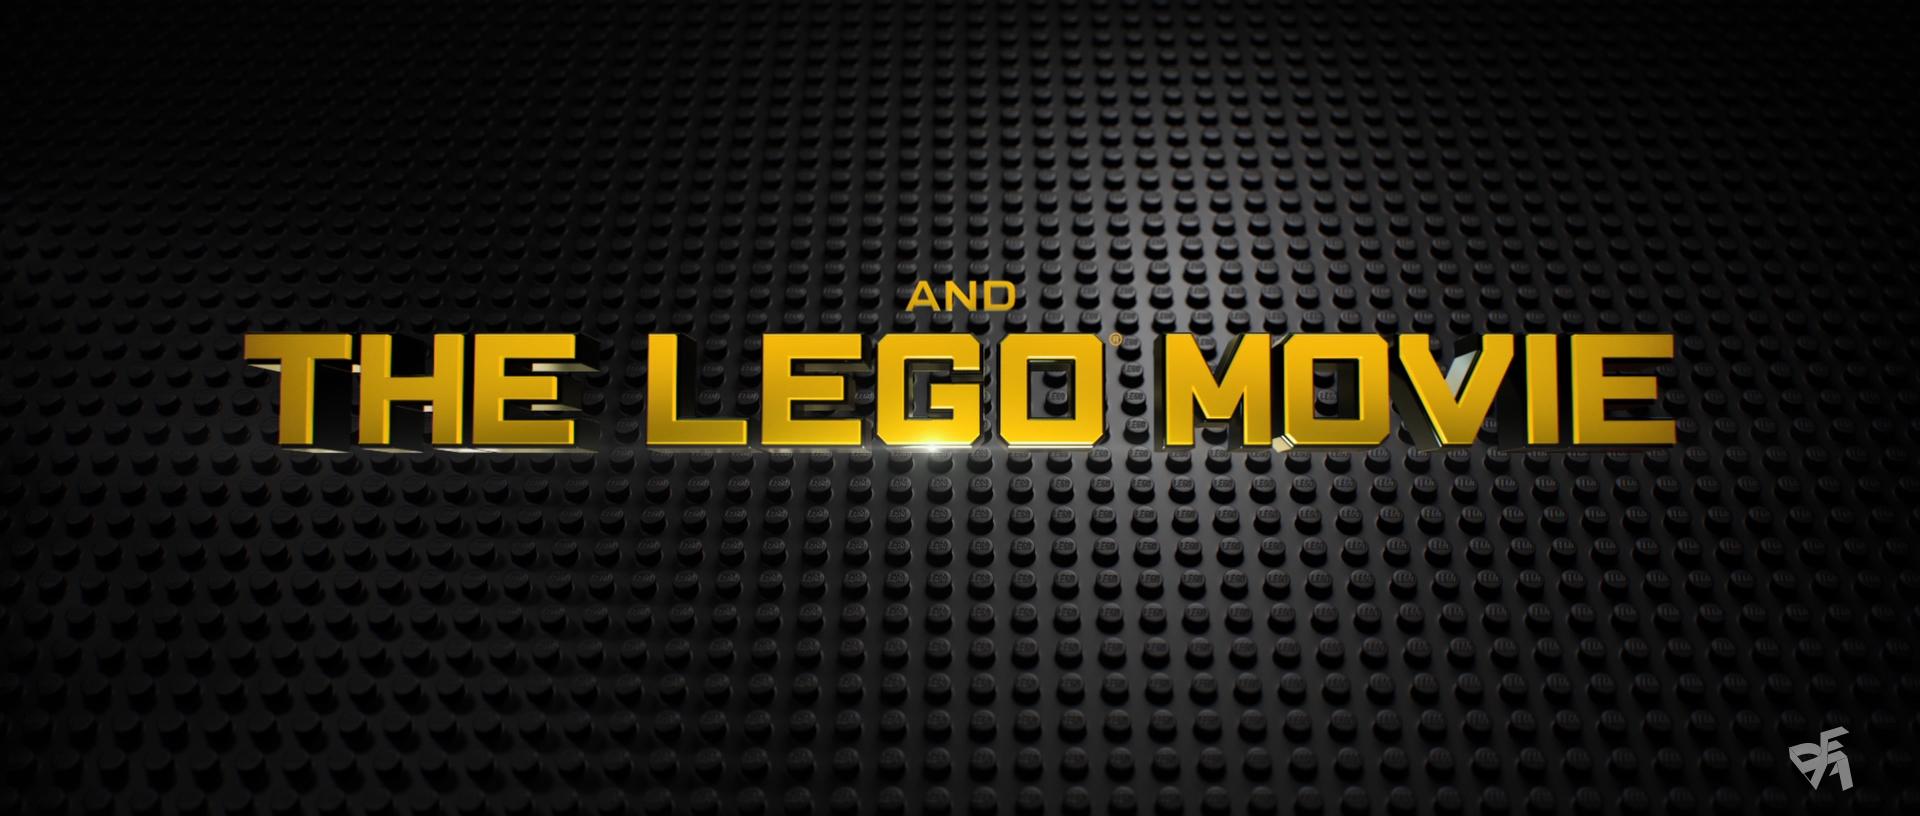 LegoBatman-TRAILERSTILL_15.jpg